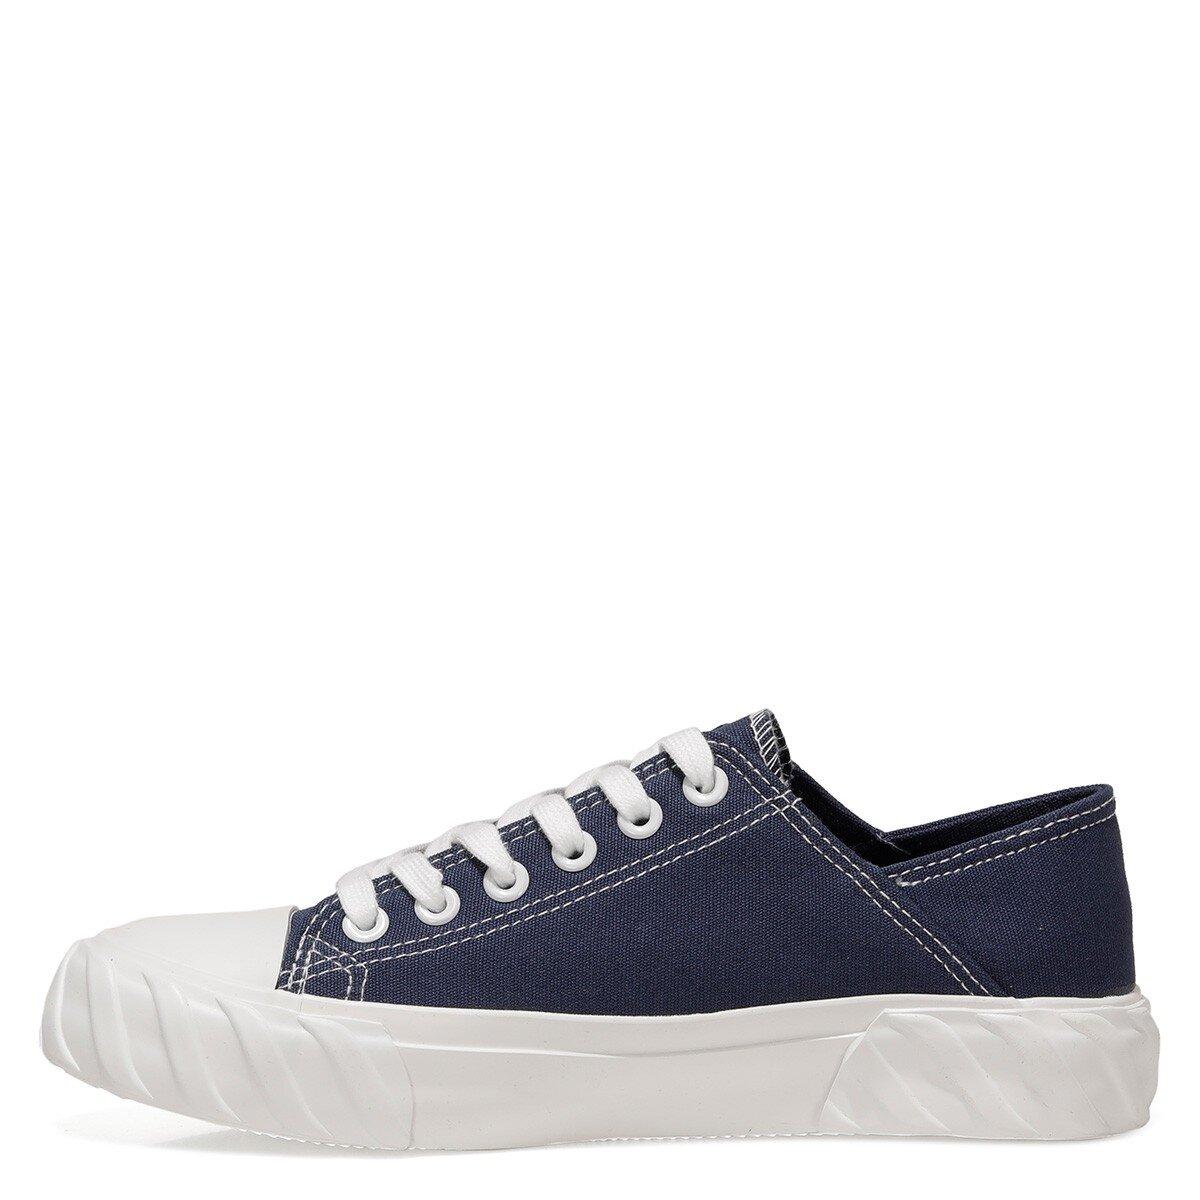 CONNY 1FX Lacivert Kadın Spor Ayakkabı